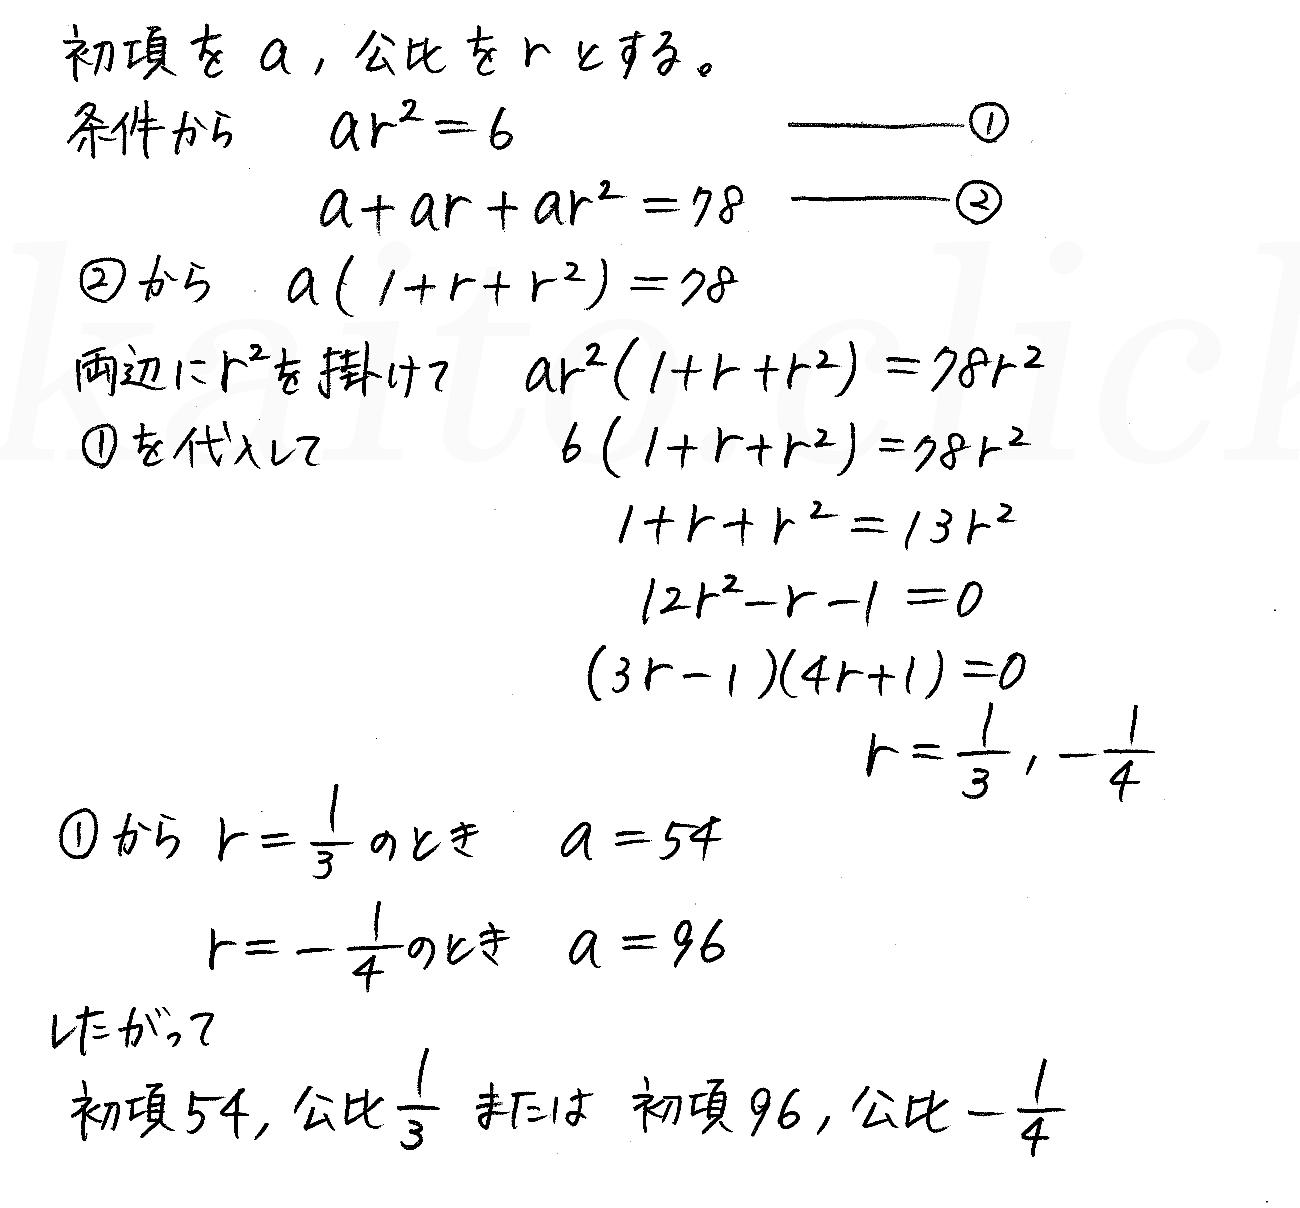 クリアー数学B-196解答